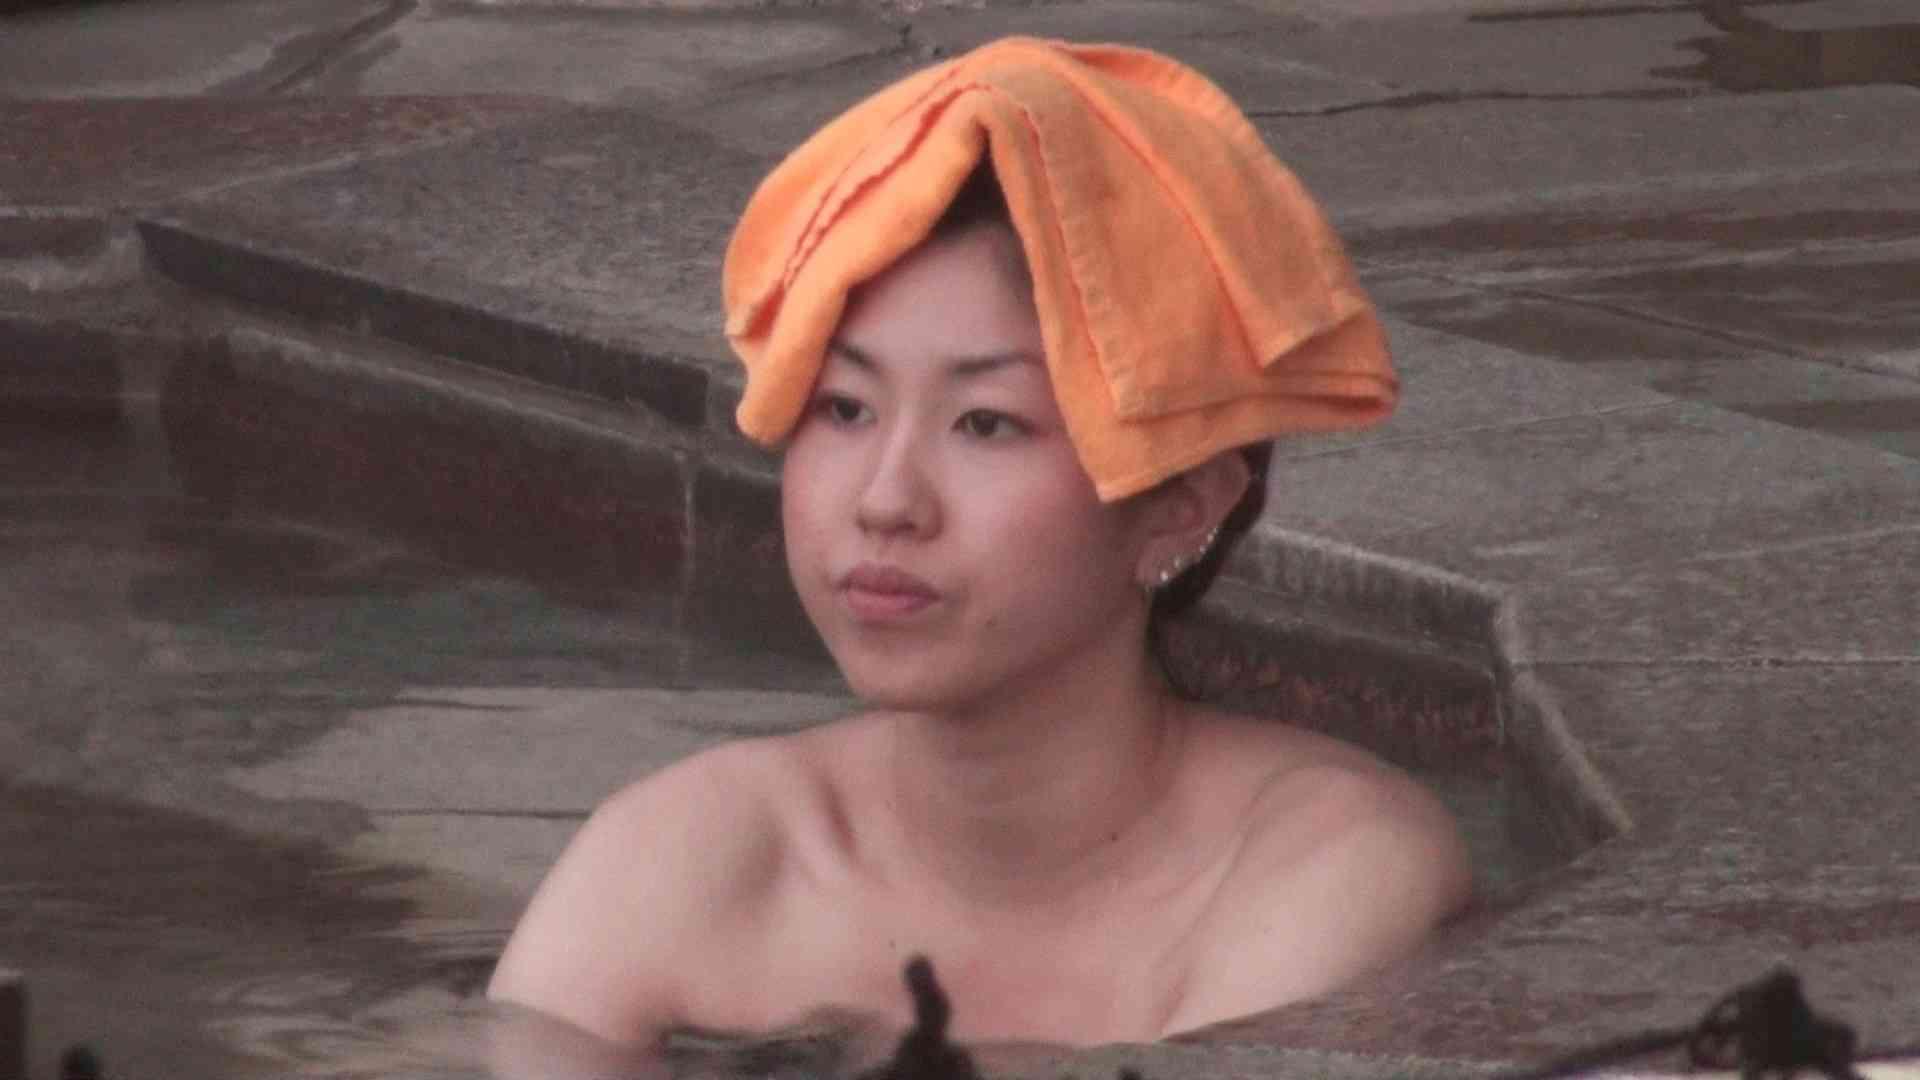 Aquaな露天風呂Vol.135 美しいOLの裸体 覗きおまんこ画像 105pic 101